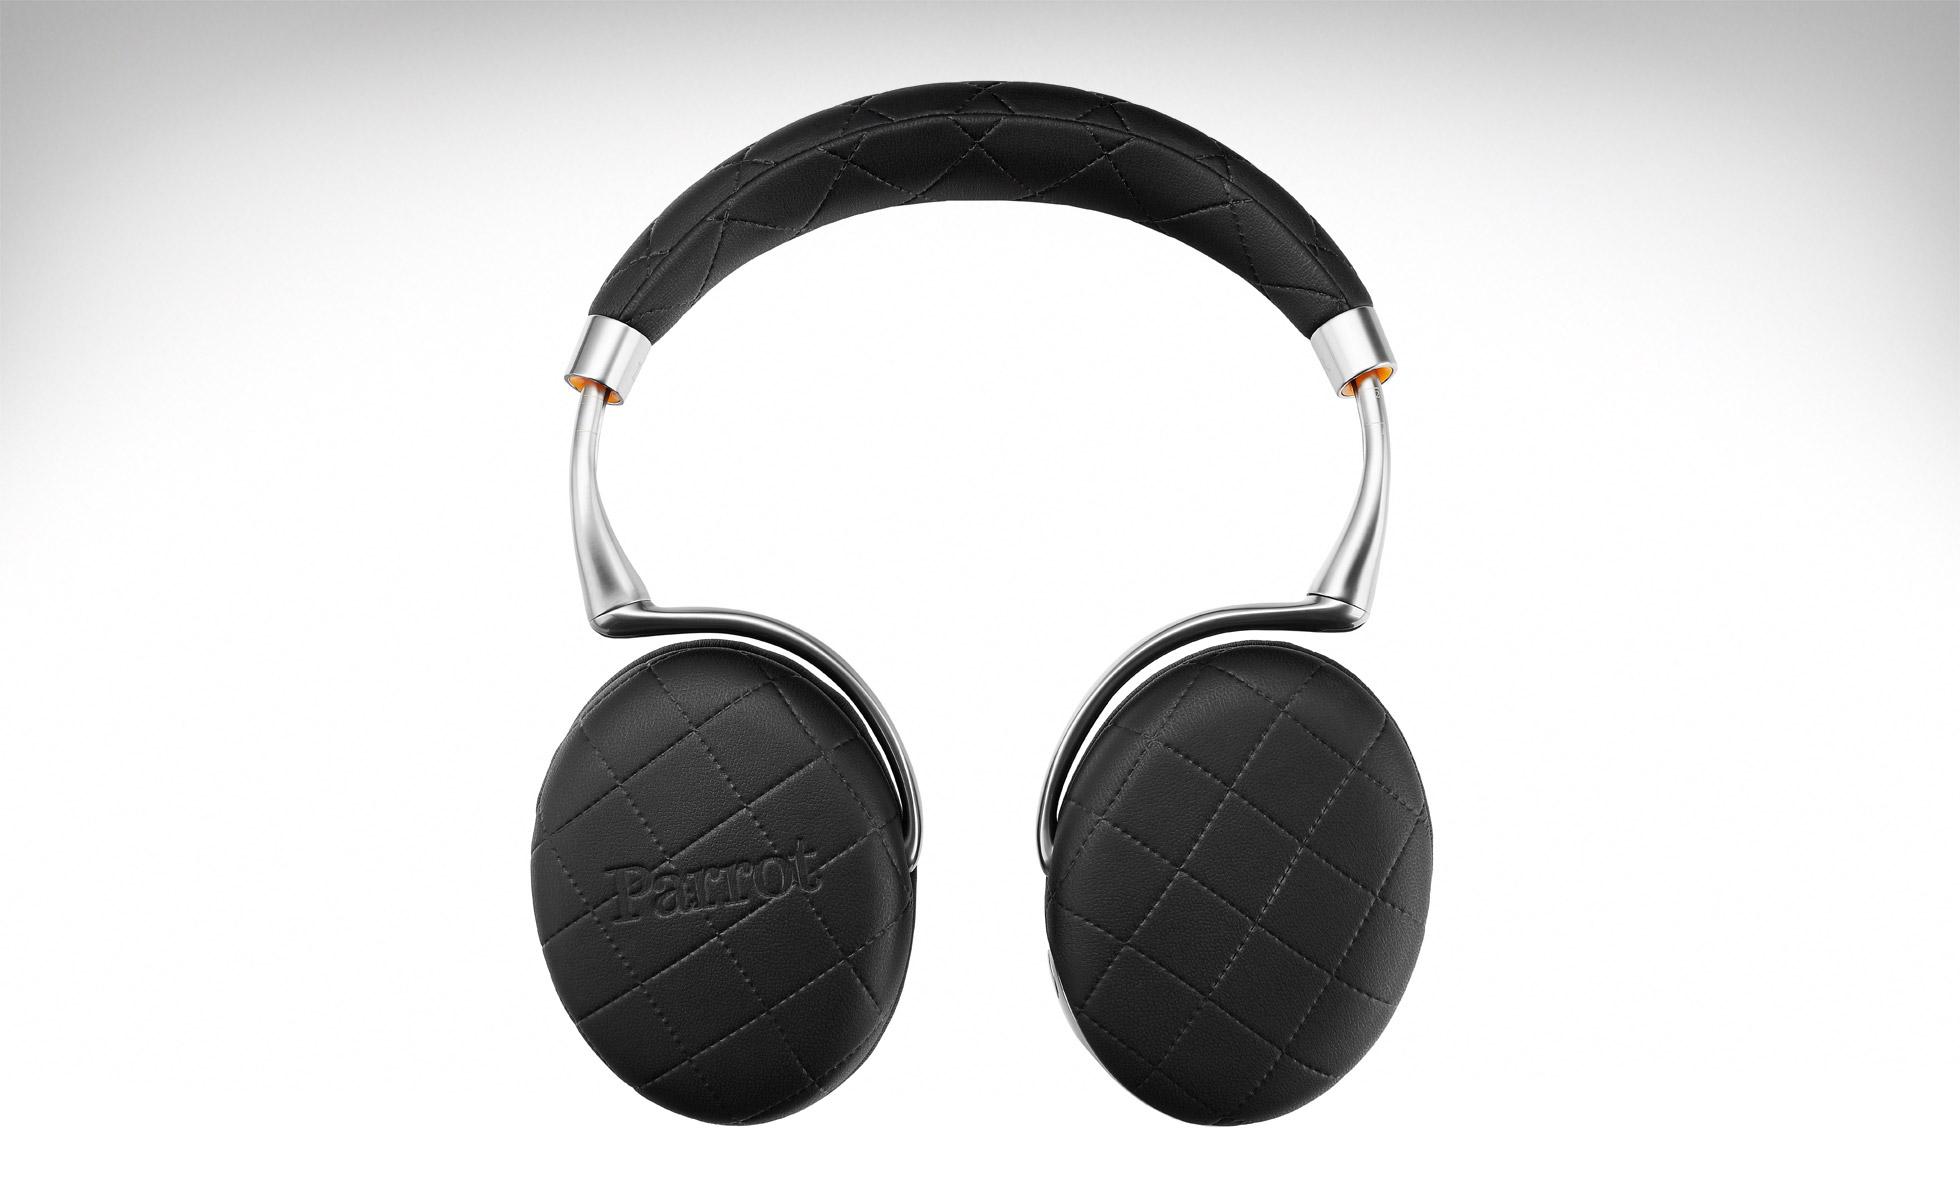 ljud-arkiv - Sida 5 av 10 - Datormagazin dee9a9a5375d9